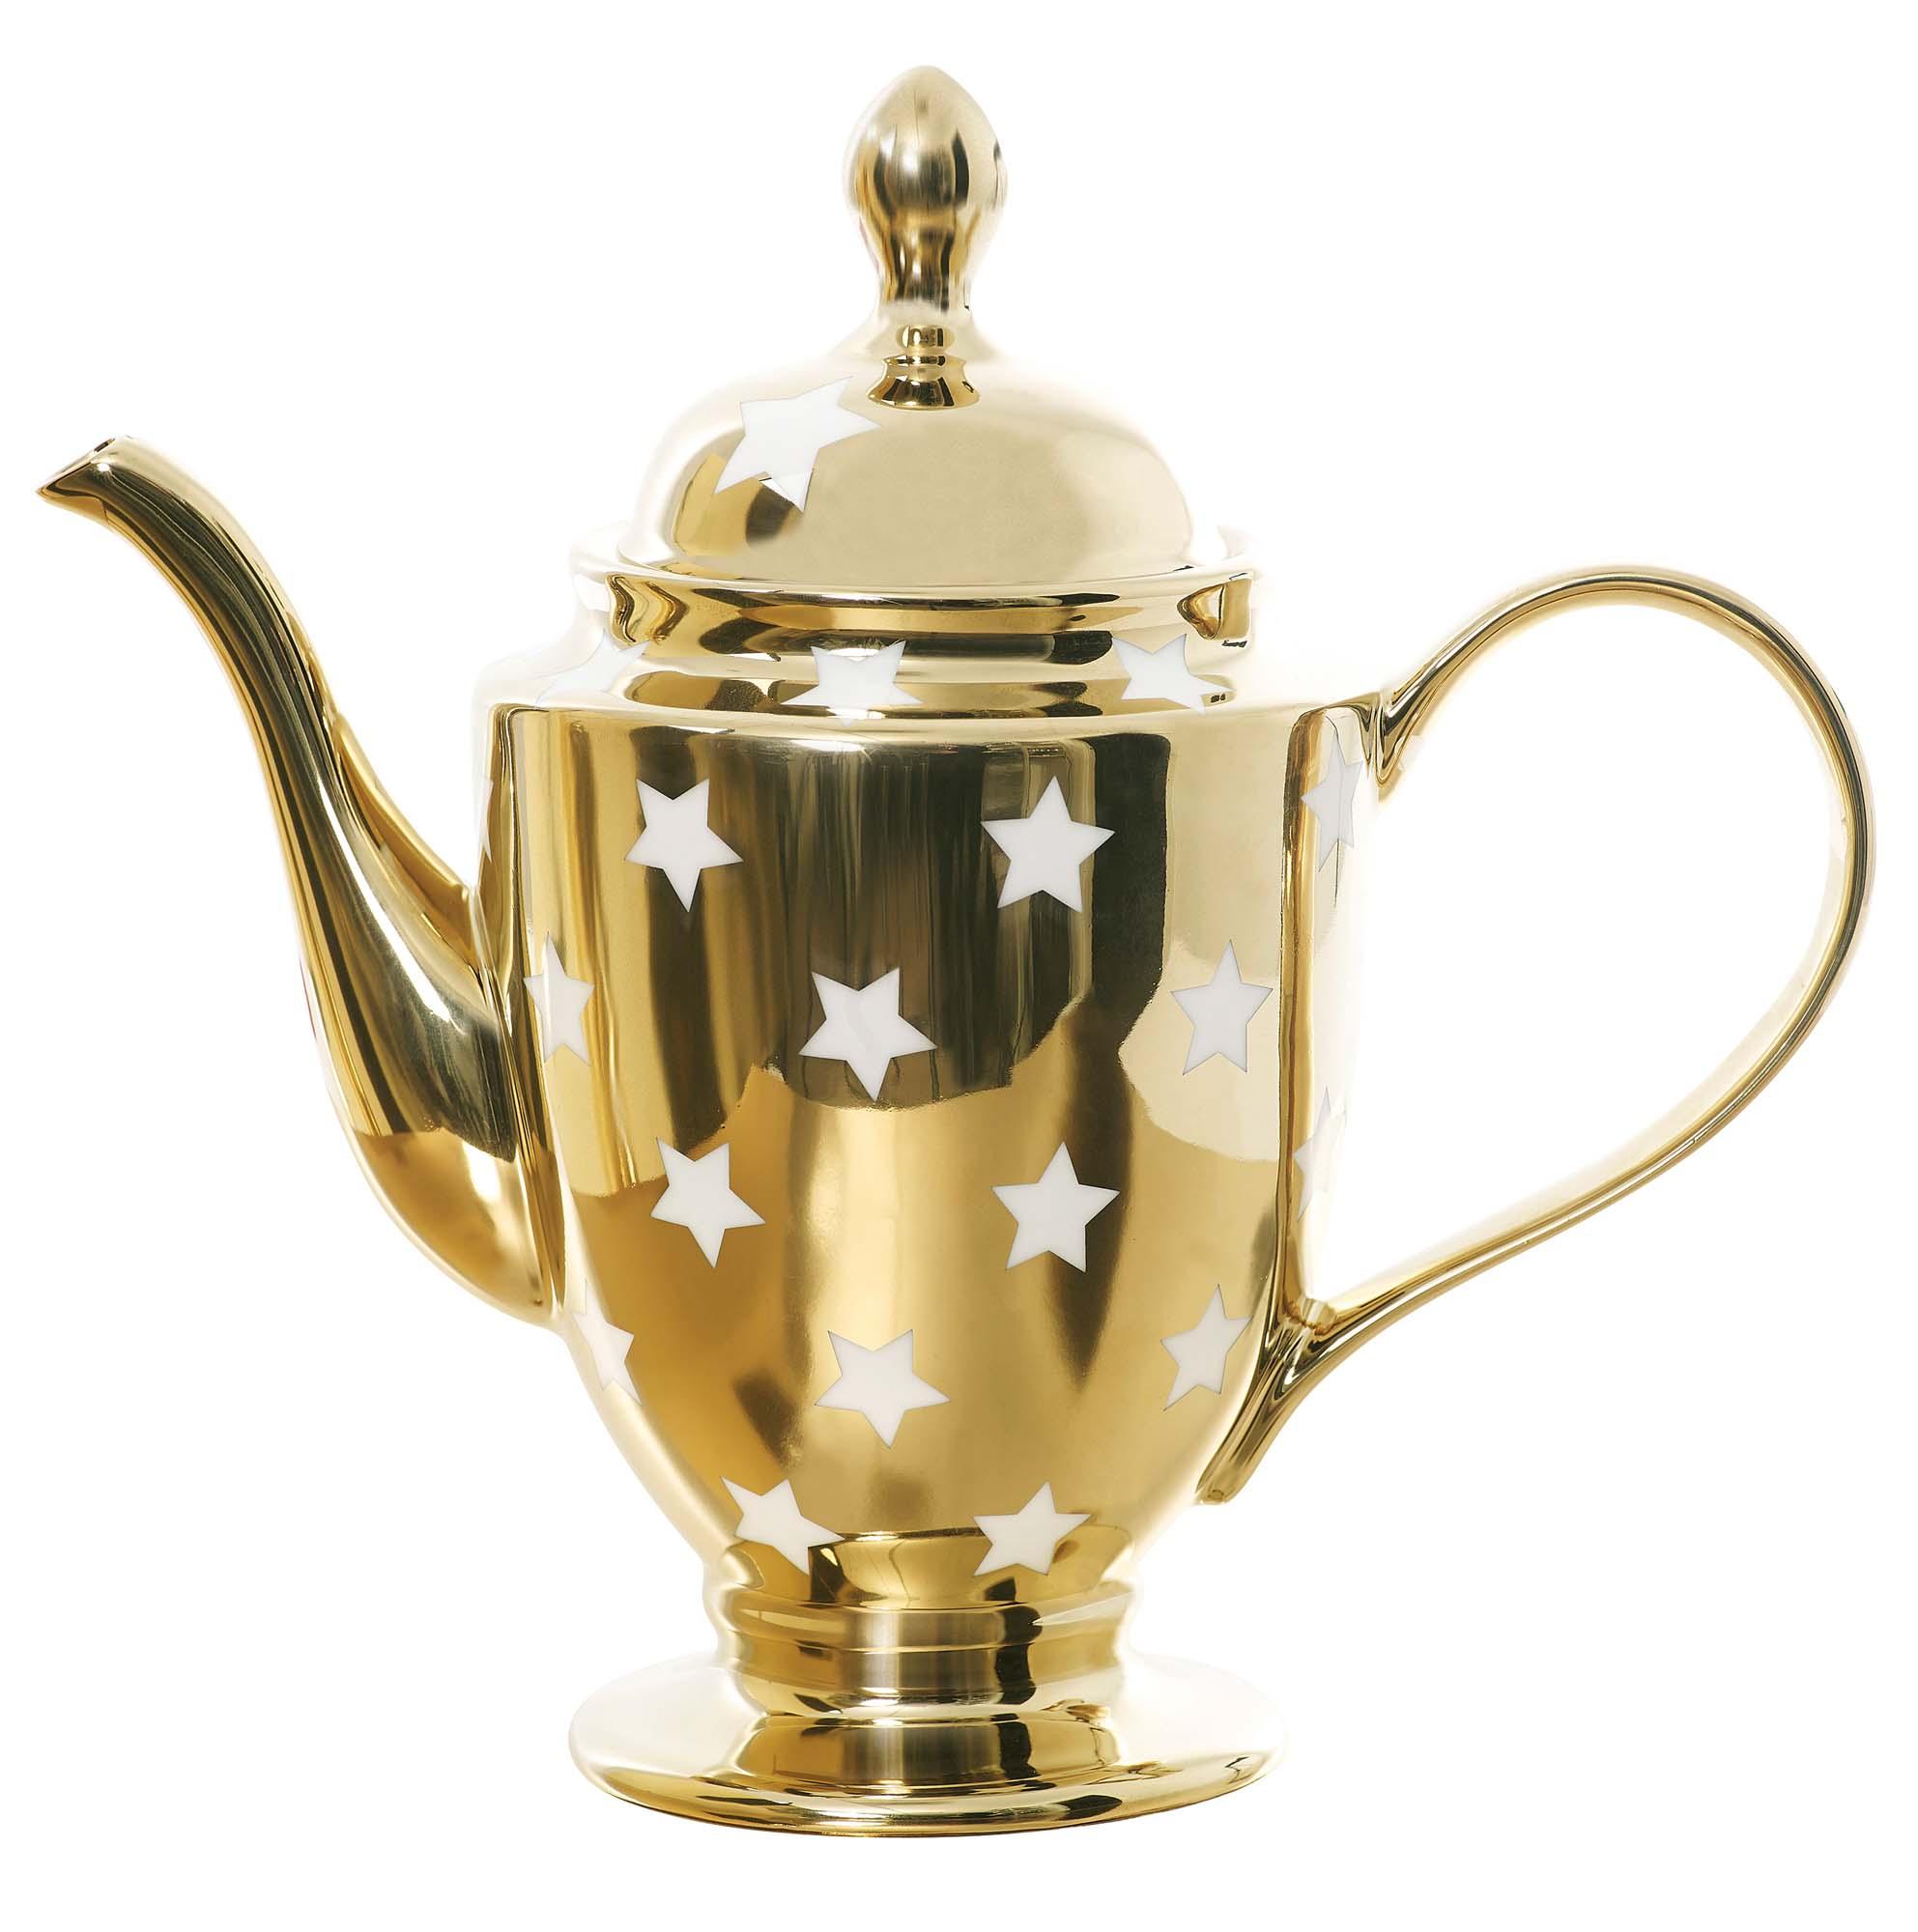 Rockett St George's Gold Star teapot